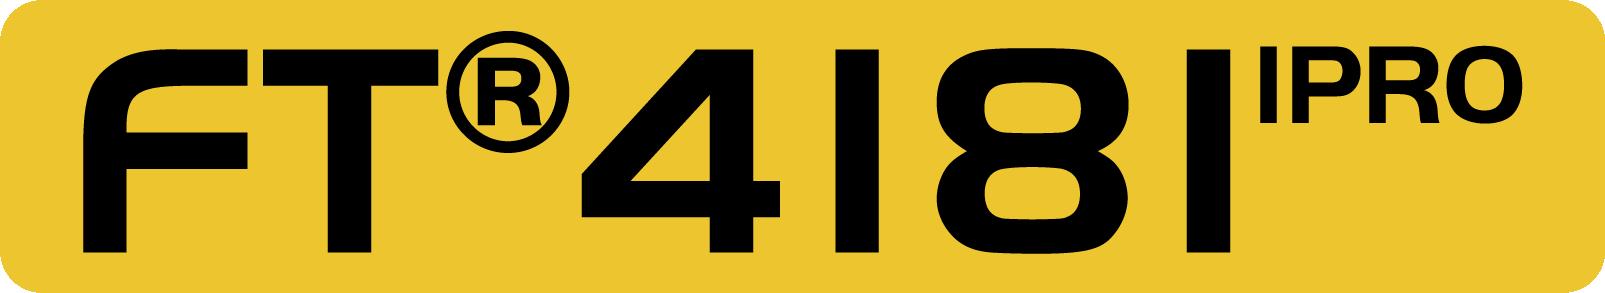 FTR 4181 IPRO